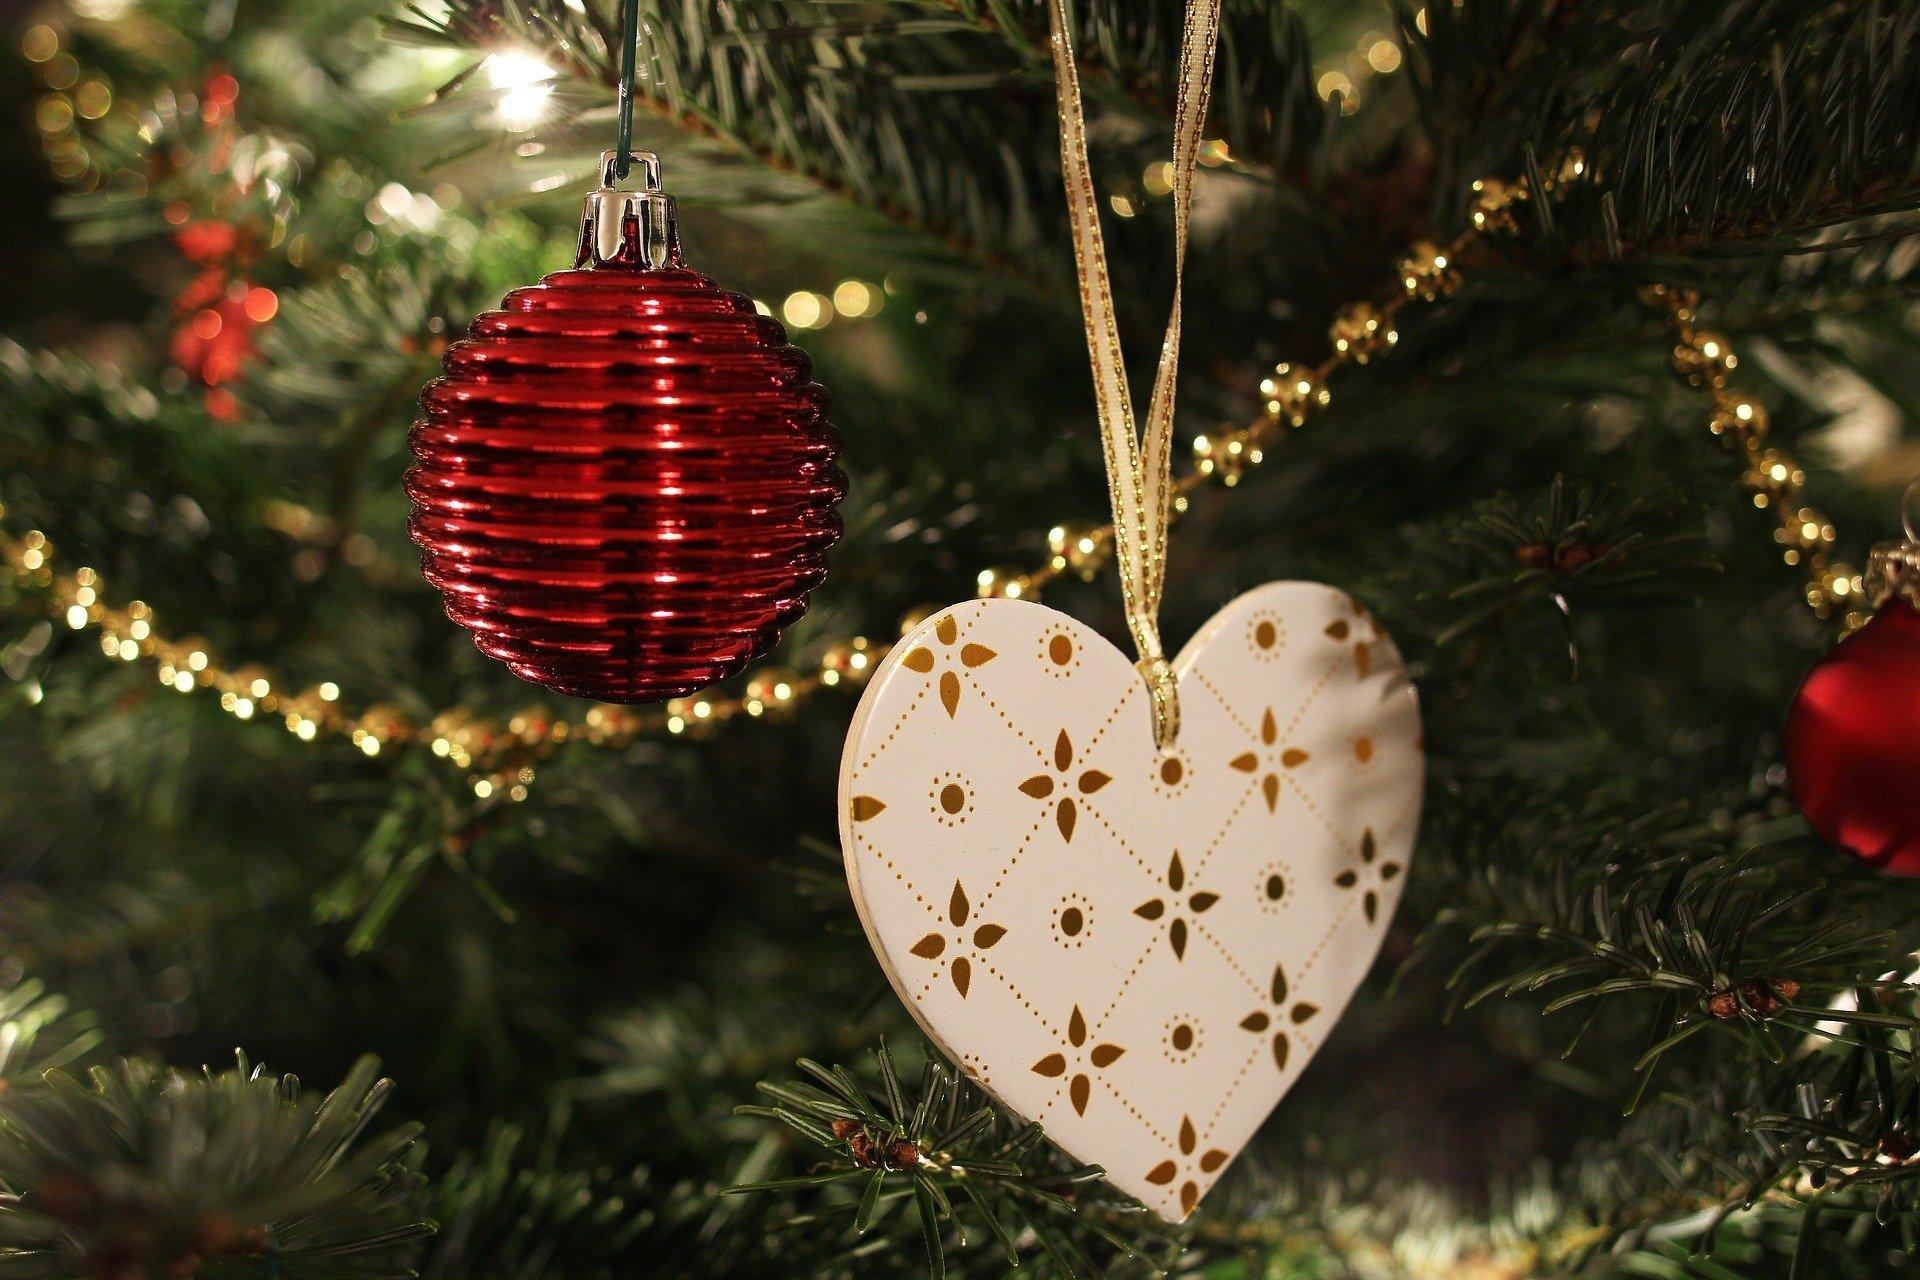 Srebrne Kolczyki świąteczny Wierszyk O Choince Dla Dzieci